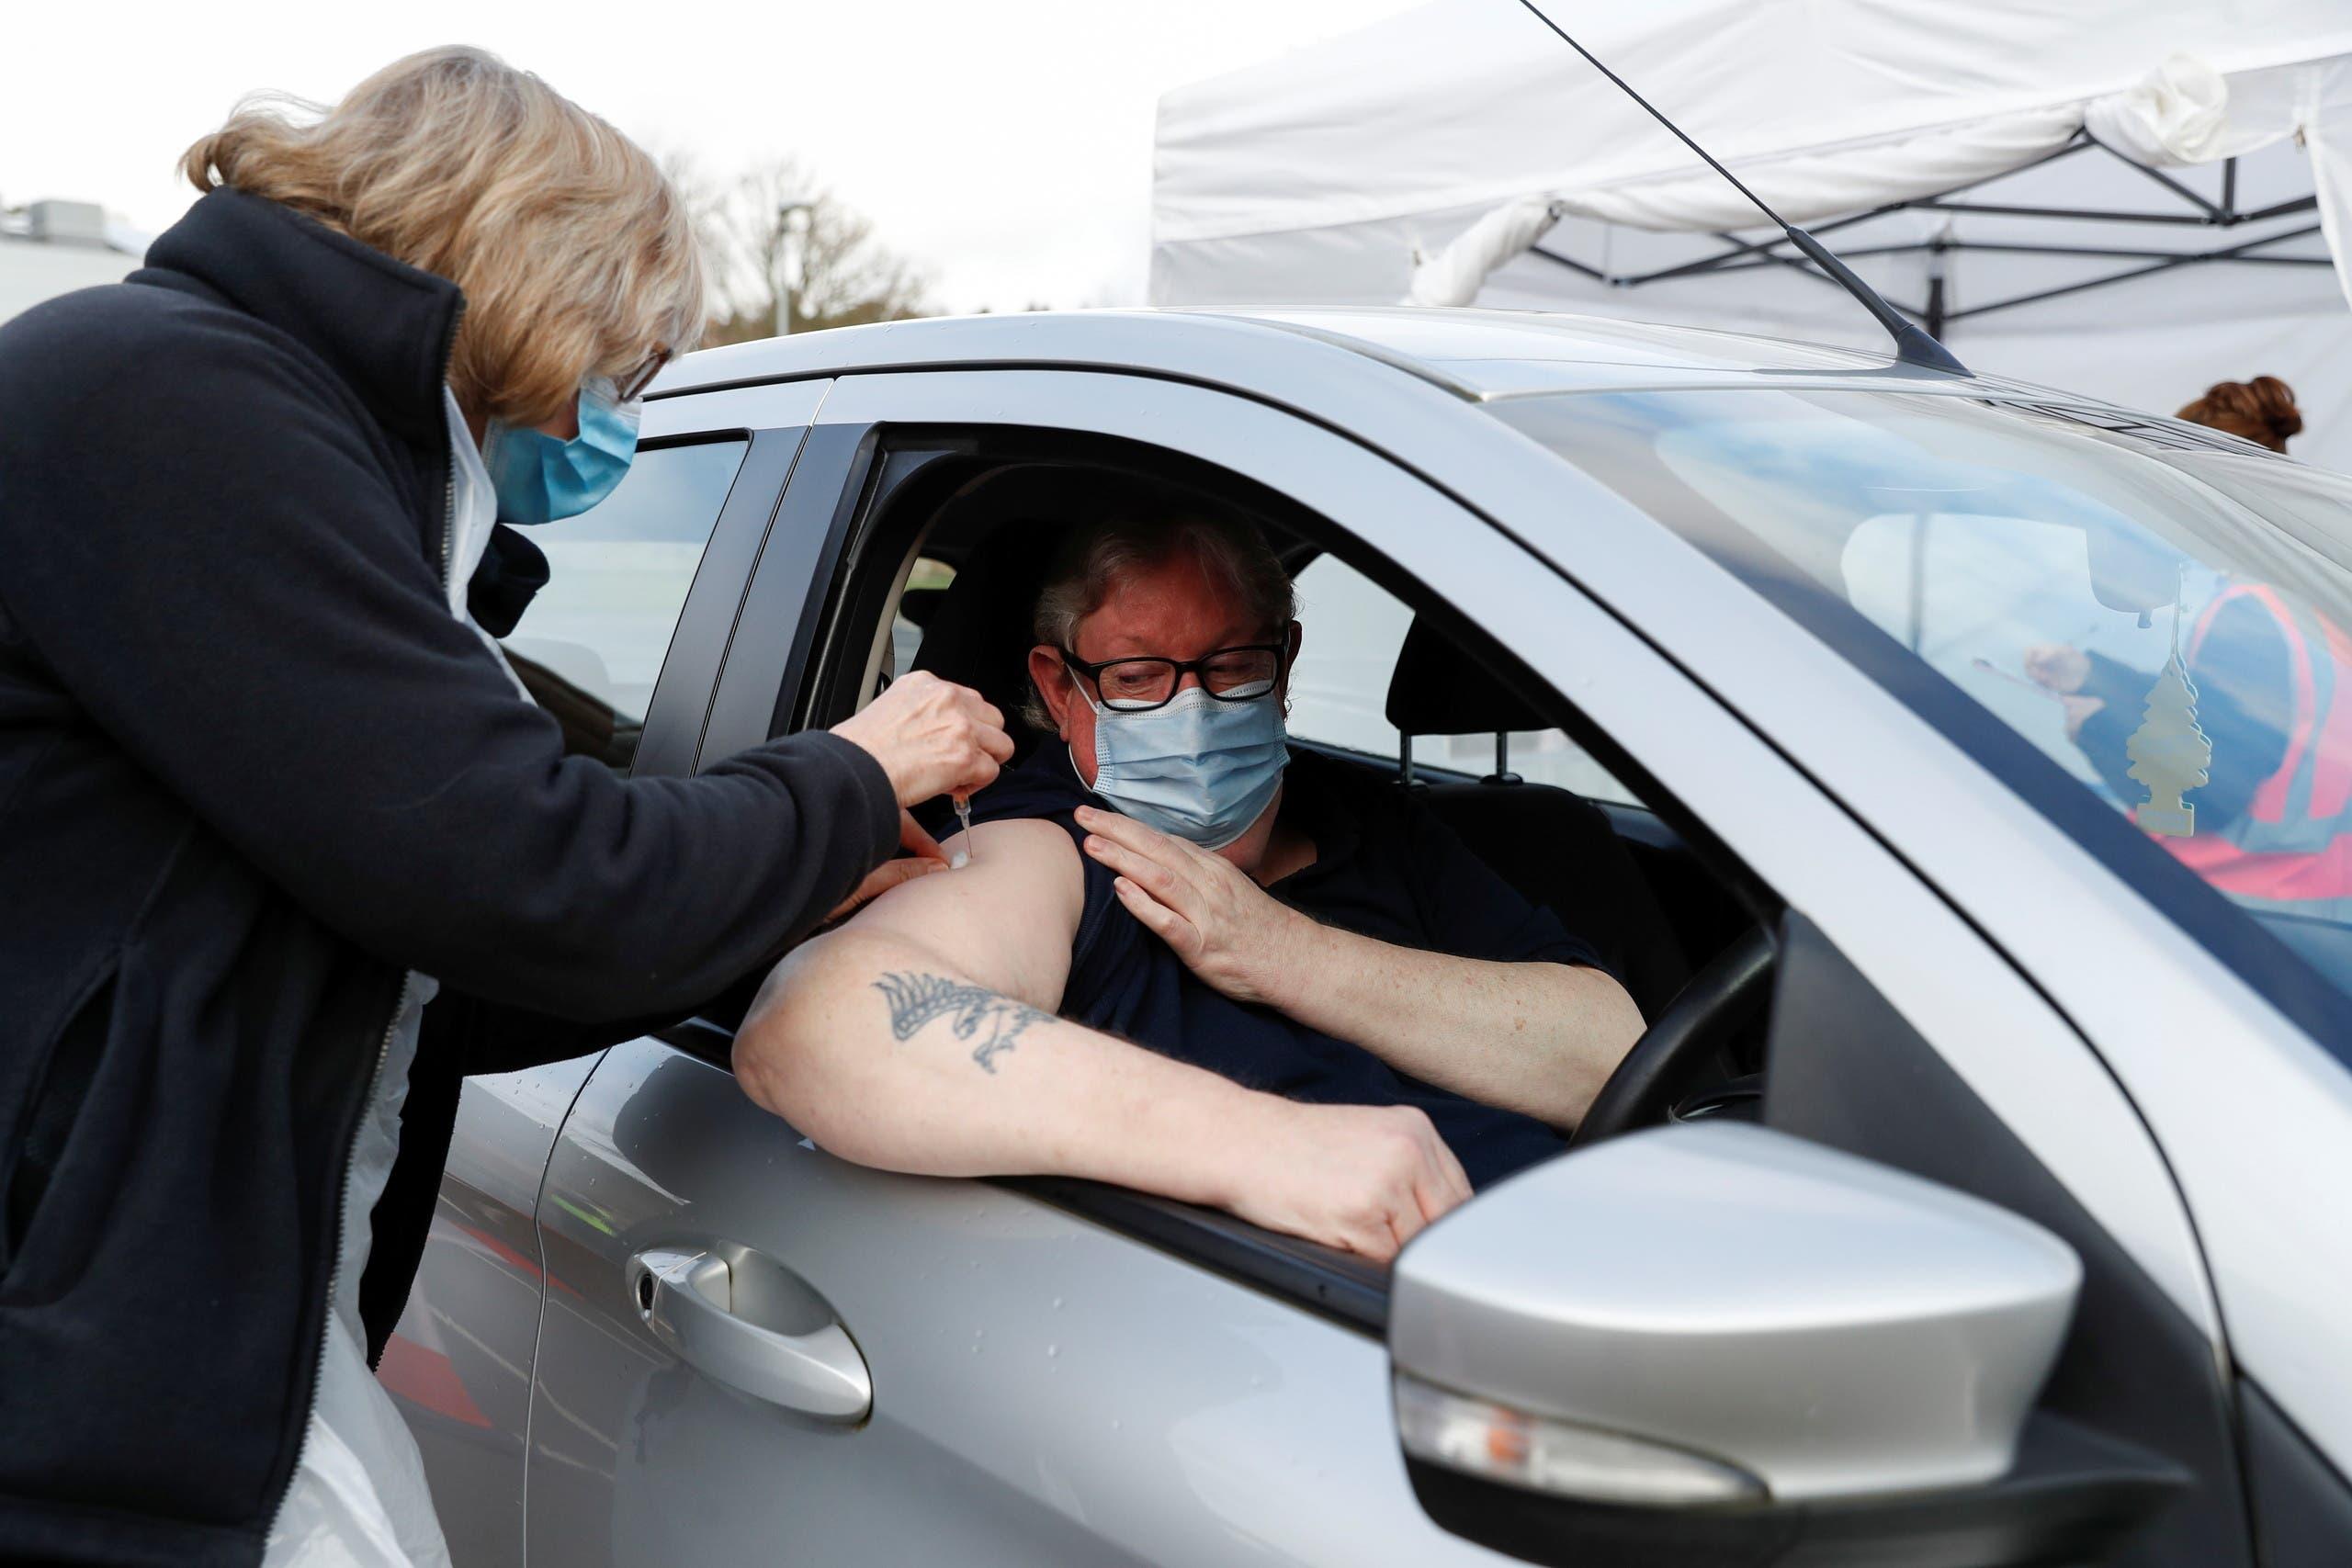 رجل يتلقى جرعة من لقاح كورونا في بريطانيا